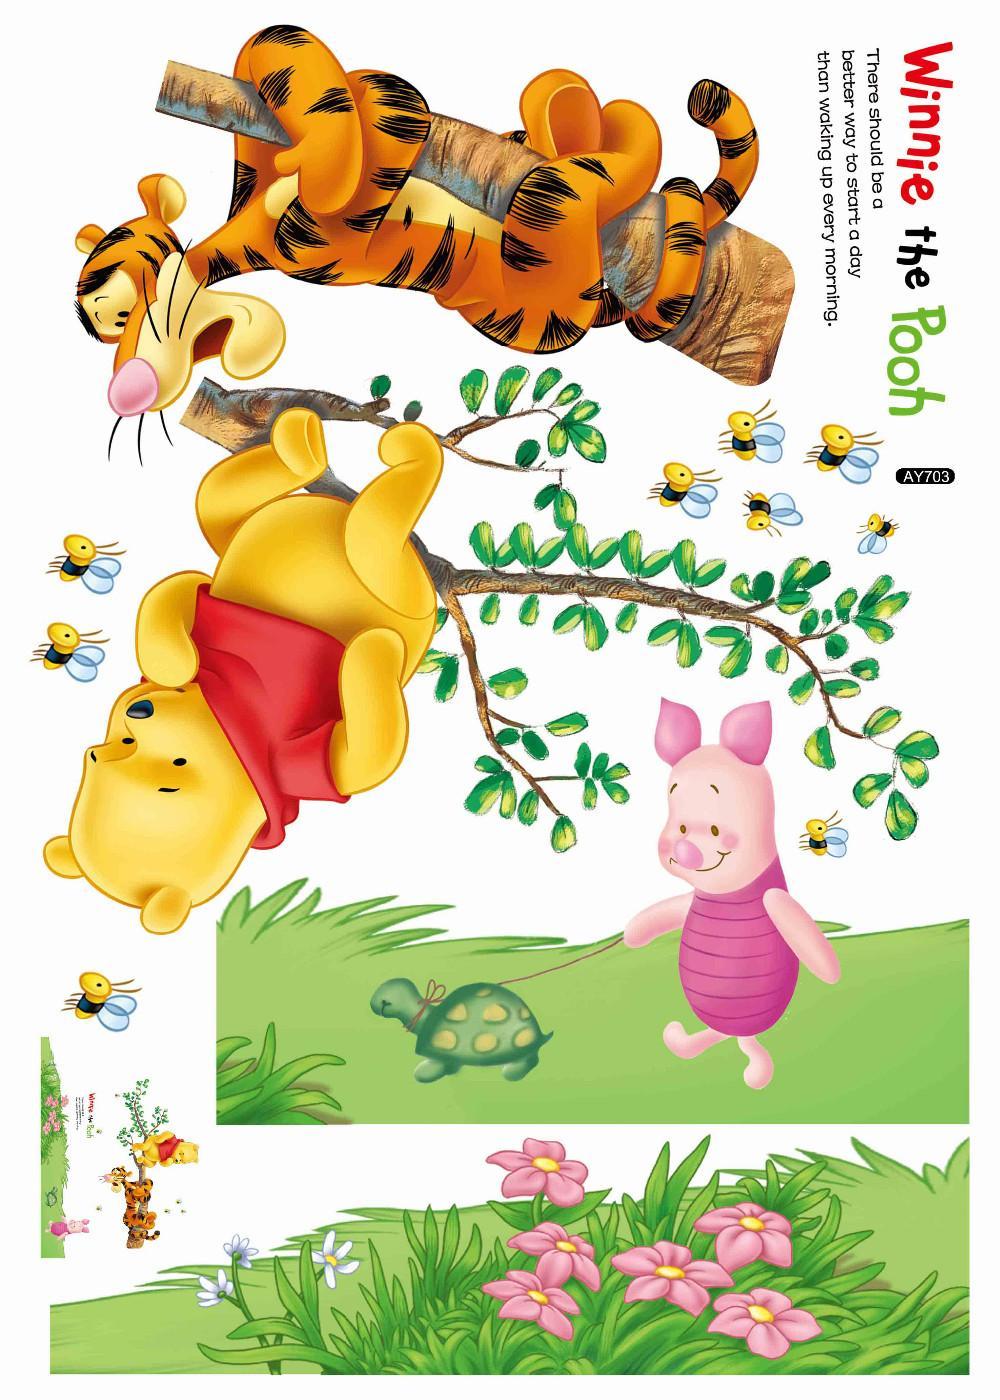 HTB1UfPRKpXXXXaVXFXXq6xXFXXXd - Animals zoo cartoon Winnie Pooh wall sticker for kids room